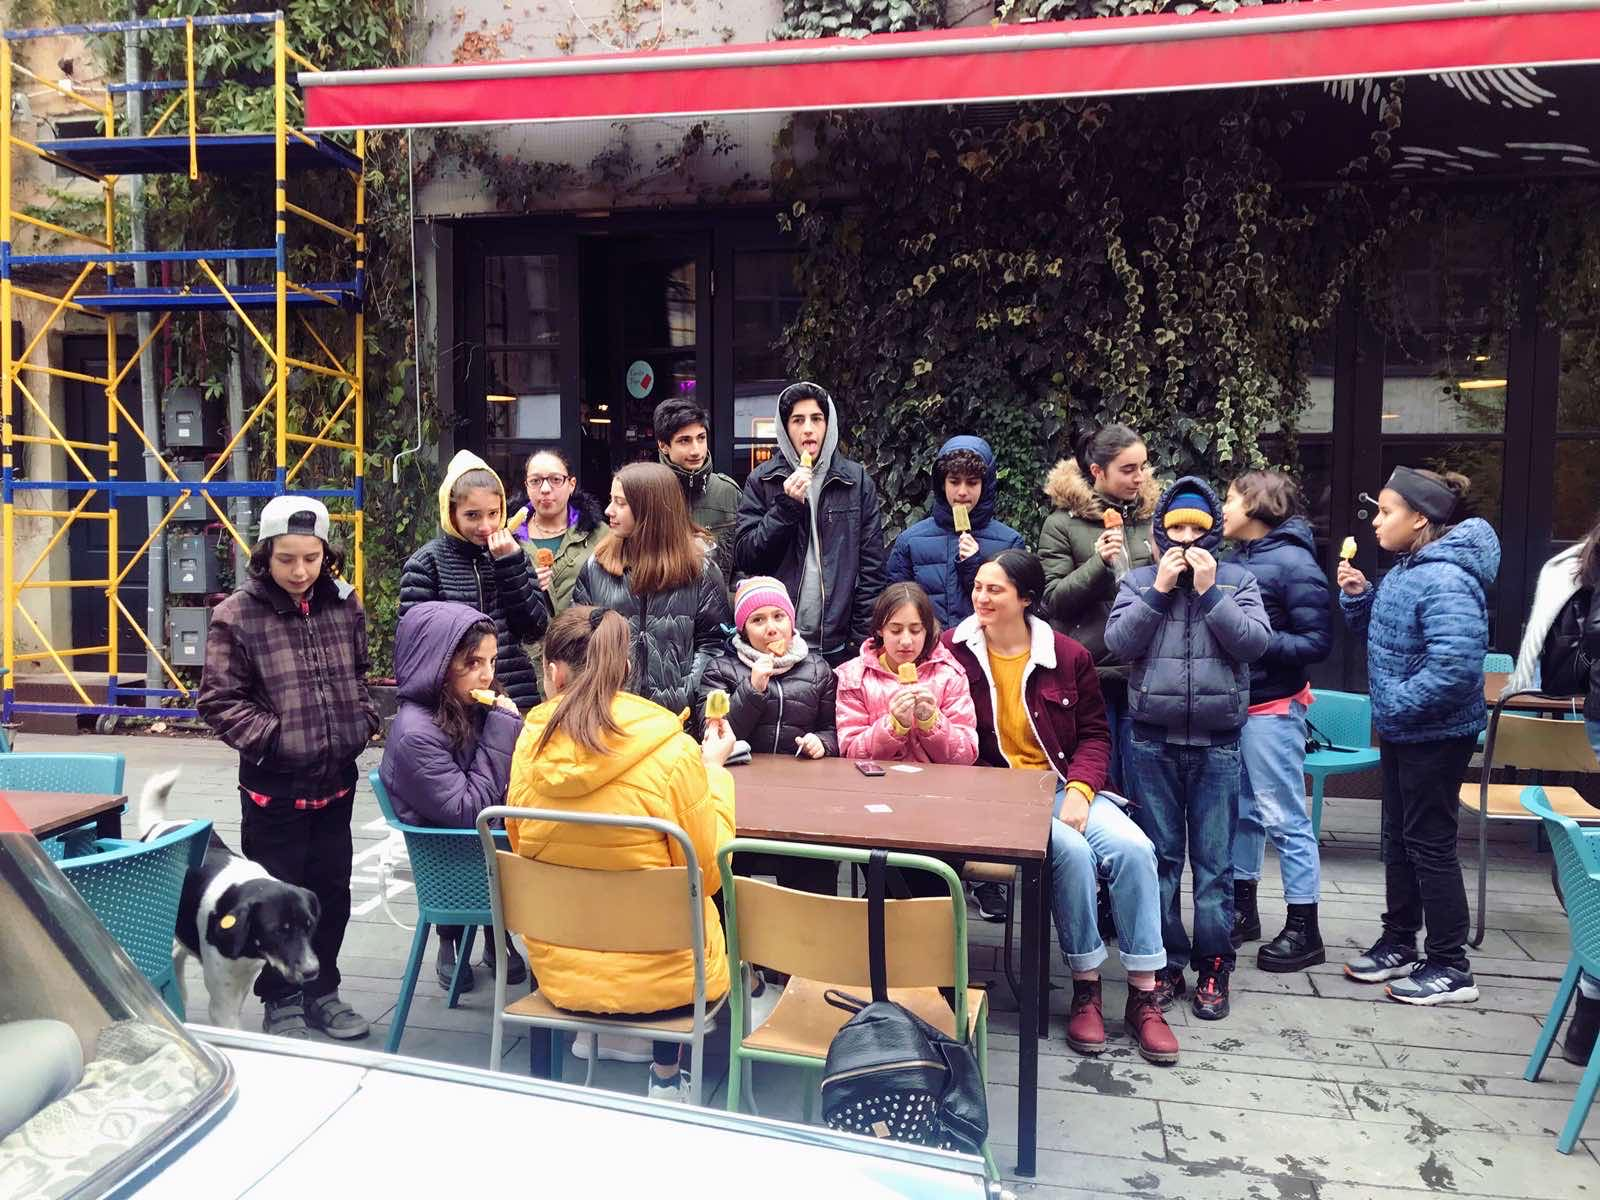 მოსწავლეები მეწარმე მარიამ ჭუმბურიძეს შეხვდნენ